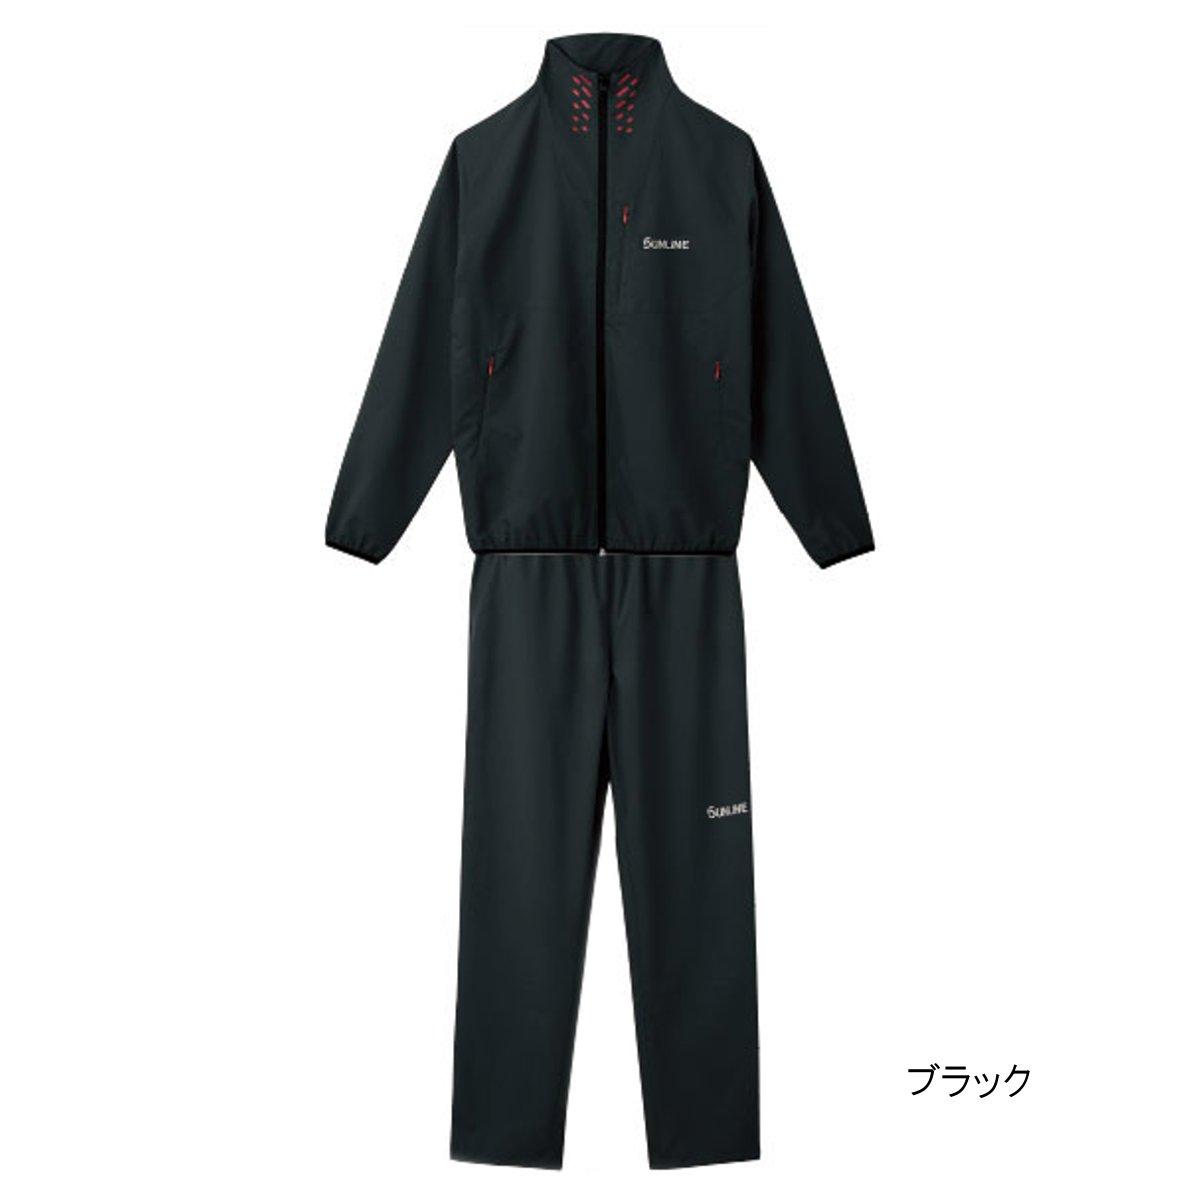 ライトストレッチスーツ SUW-3226 LL ブラック